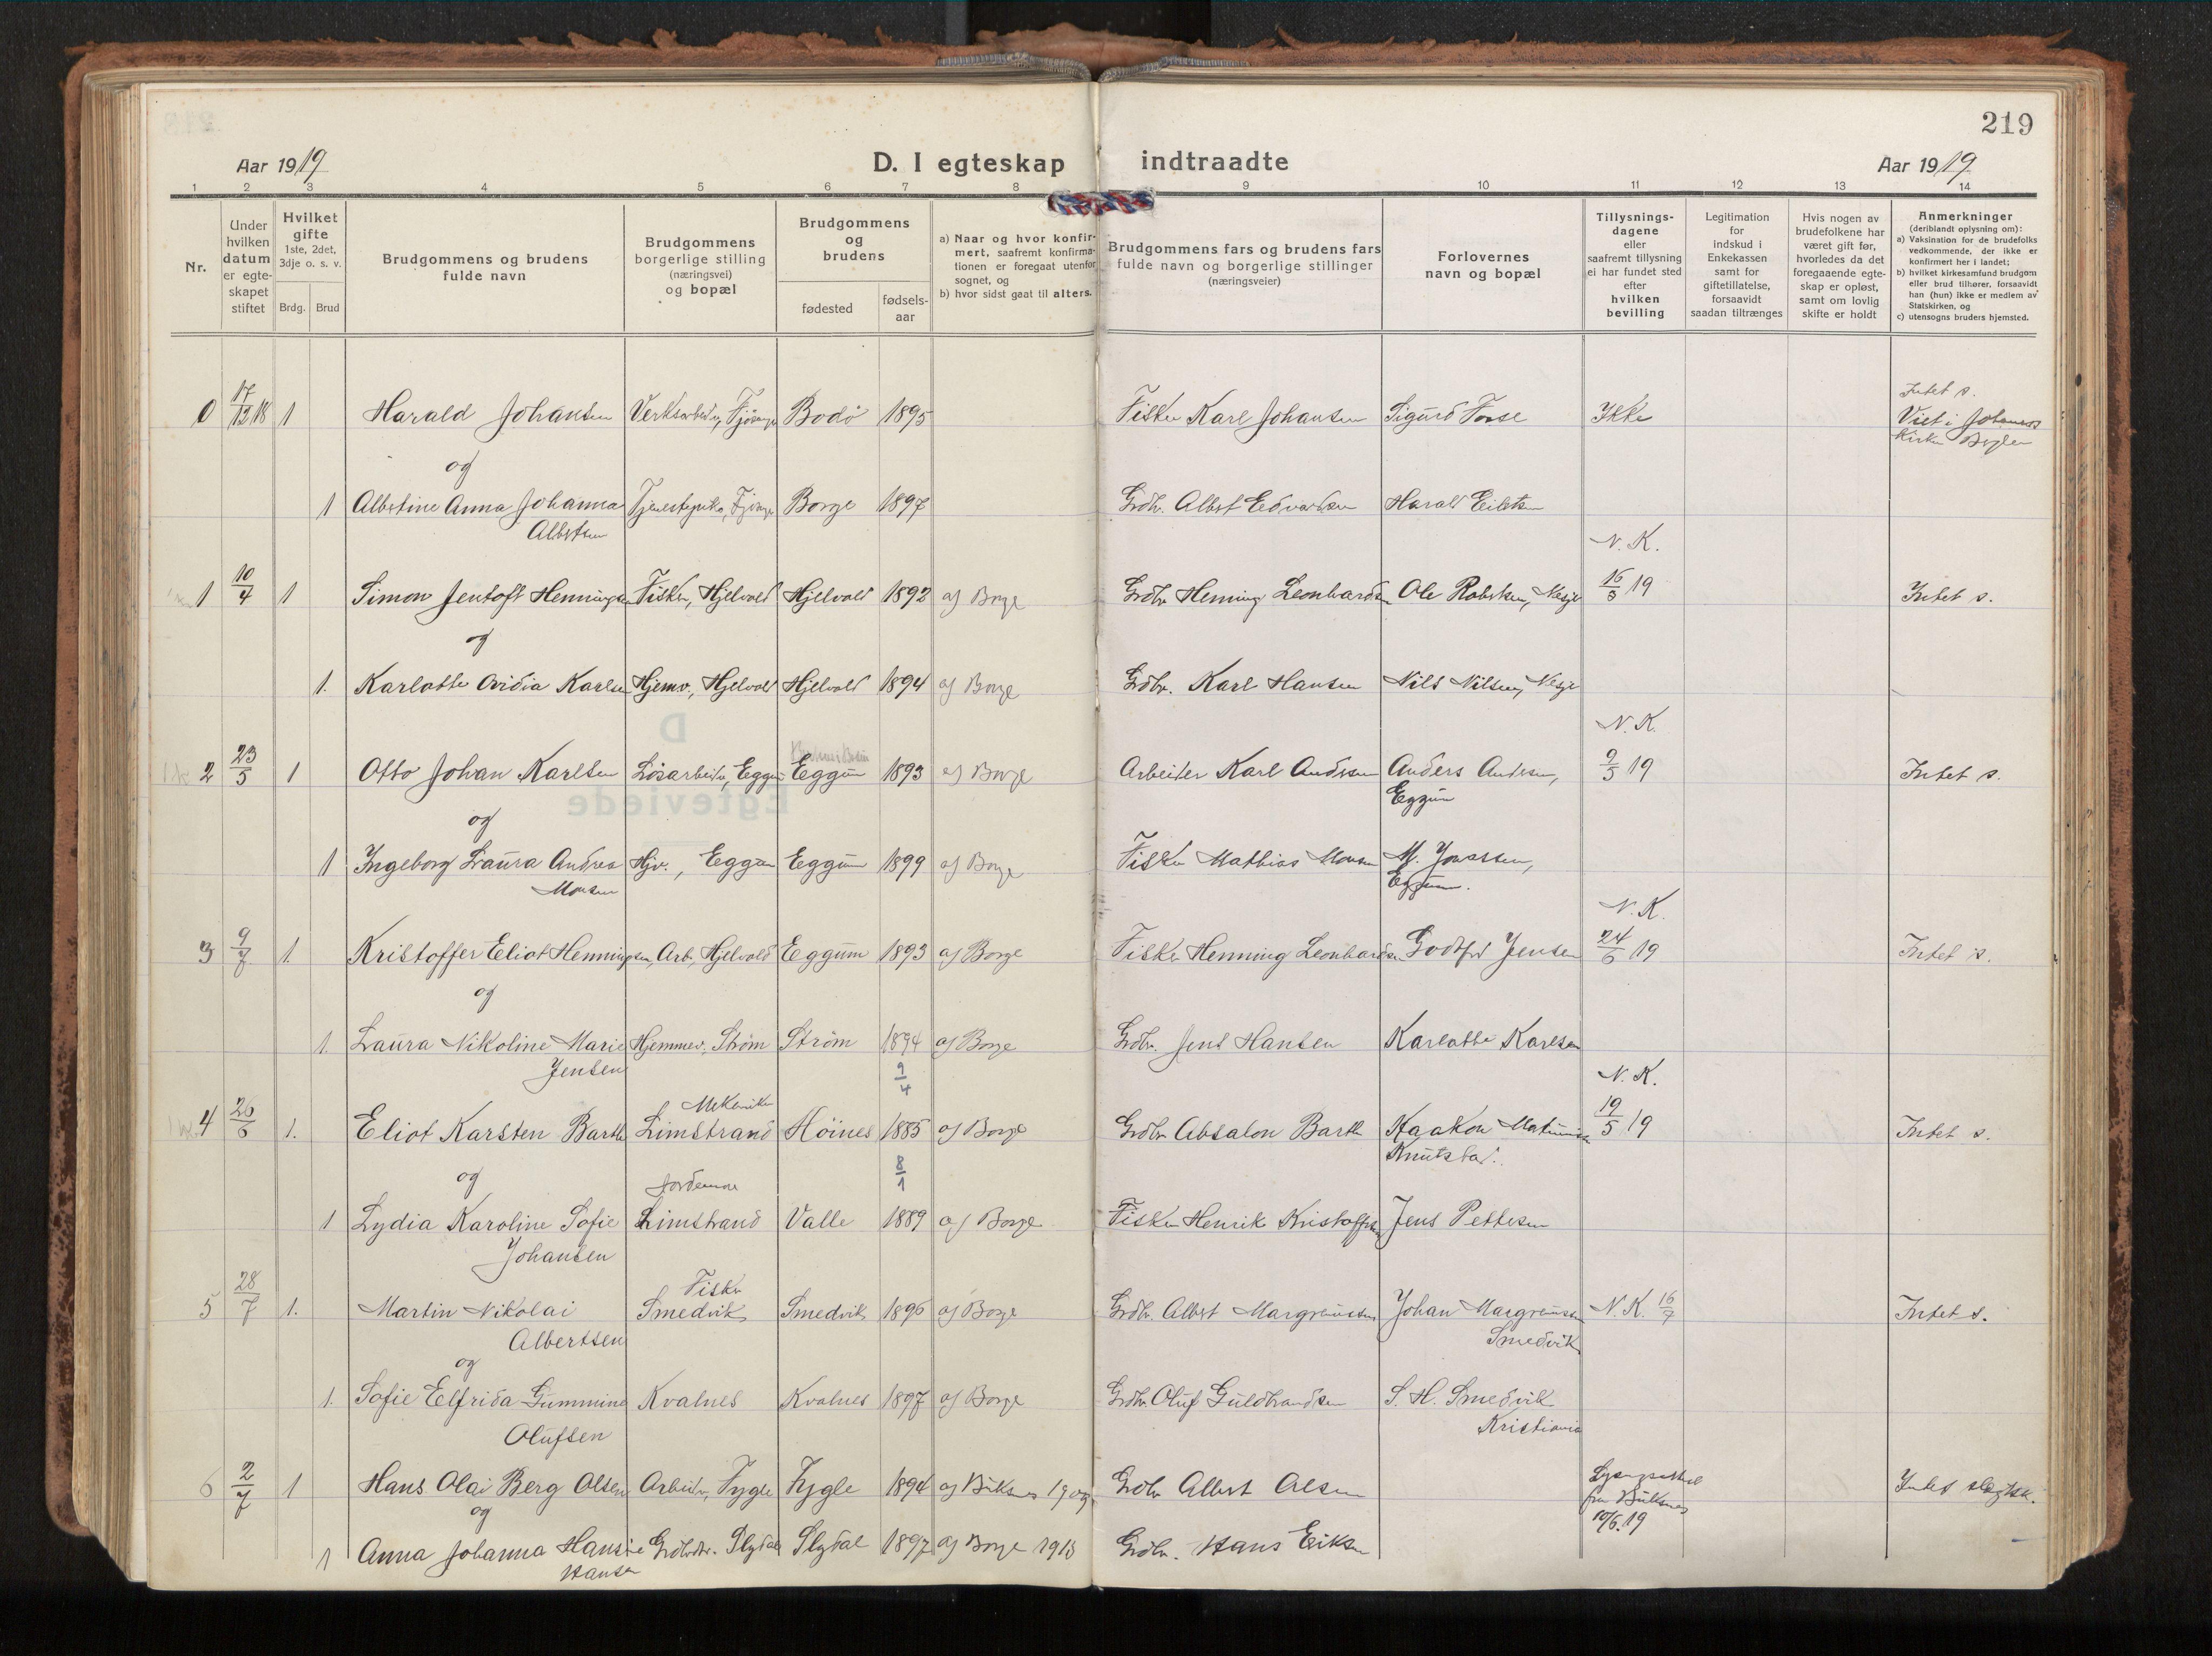 SAT, Ministerialprotokoller, klokkerbøker og fødselsregistre - Nordland, 880/L1136: Parish register (official) no. 880A10, 1919-1927, p. 219